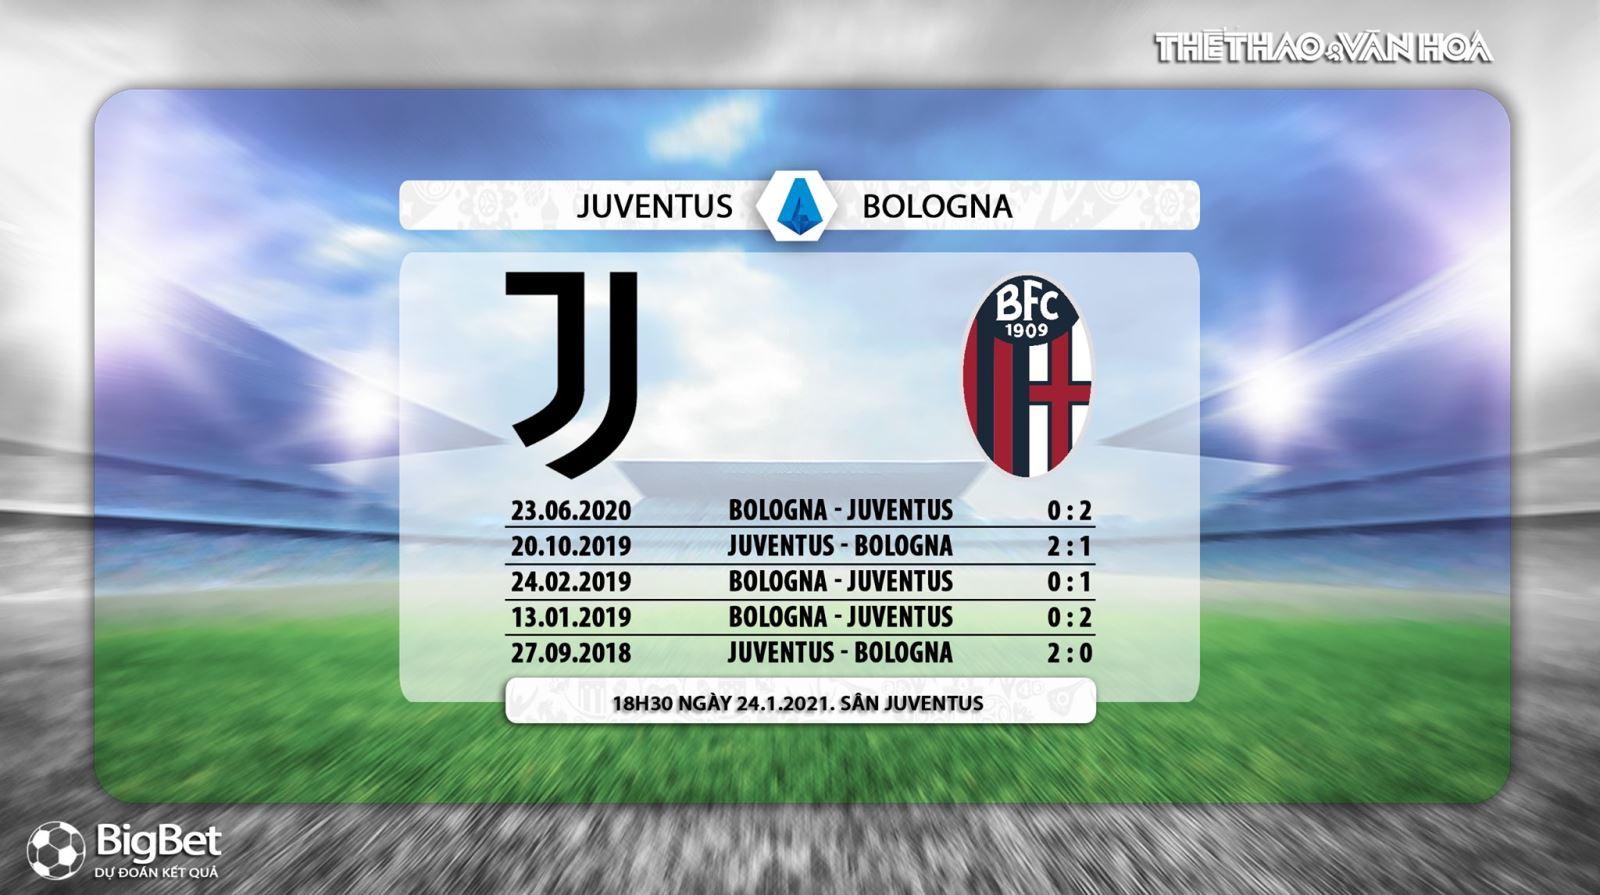 Keo nha cai, Kèo nhà cái, Juventus vs Bologna, Trực tiếp bóng đá Italia hôm nay, FPT Play, soi kèo bóng đá Juventus vs Bologna, trực tiếp bóng đá Serie A, kèo bóng đá